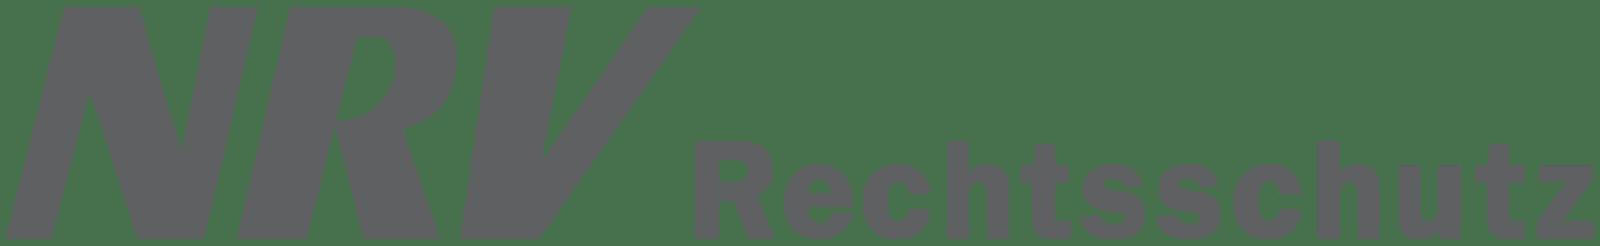 NRV - Neue Rechtsschutz Versicherung